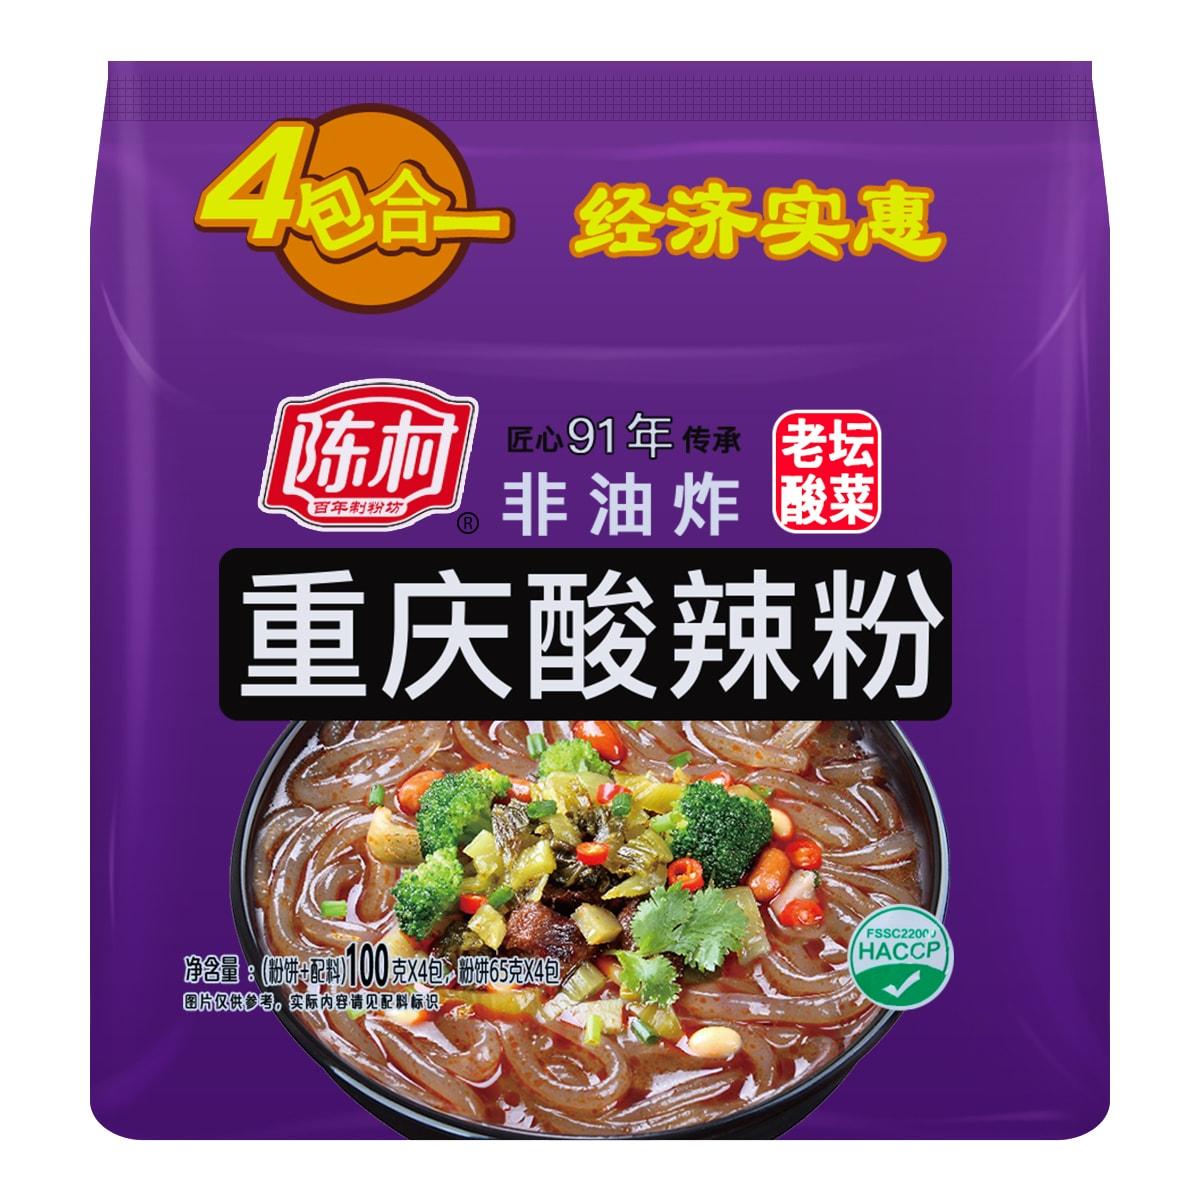 陈村 非油炸 重庆酸辣粉 老坛酸菜味 4包入 400g